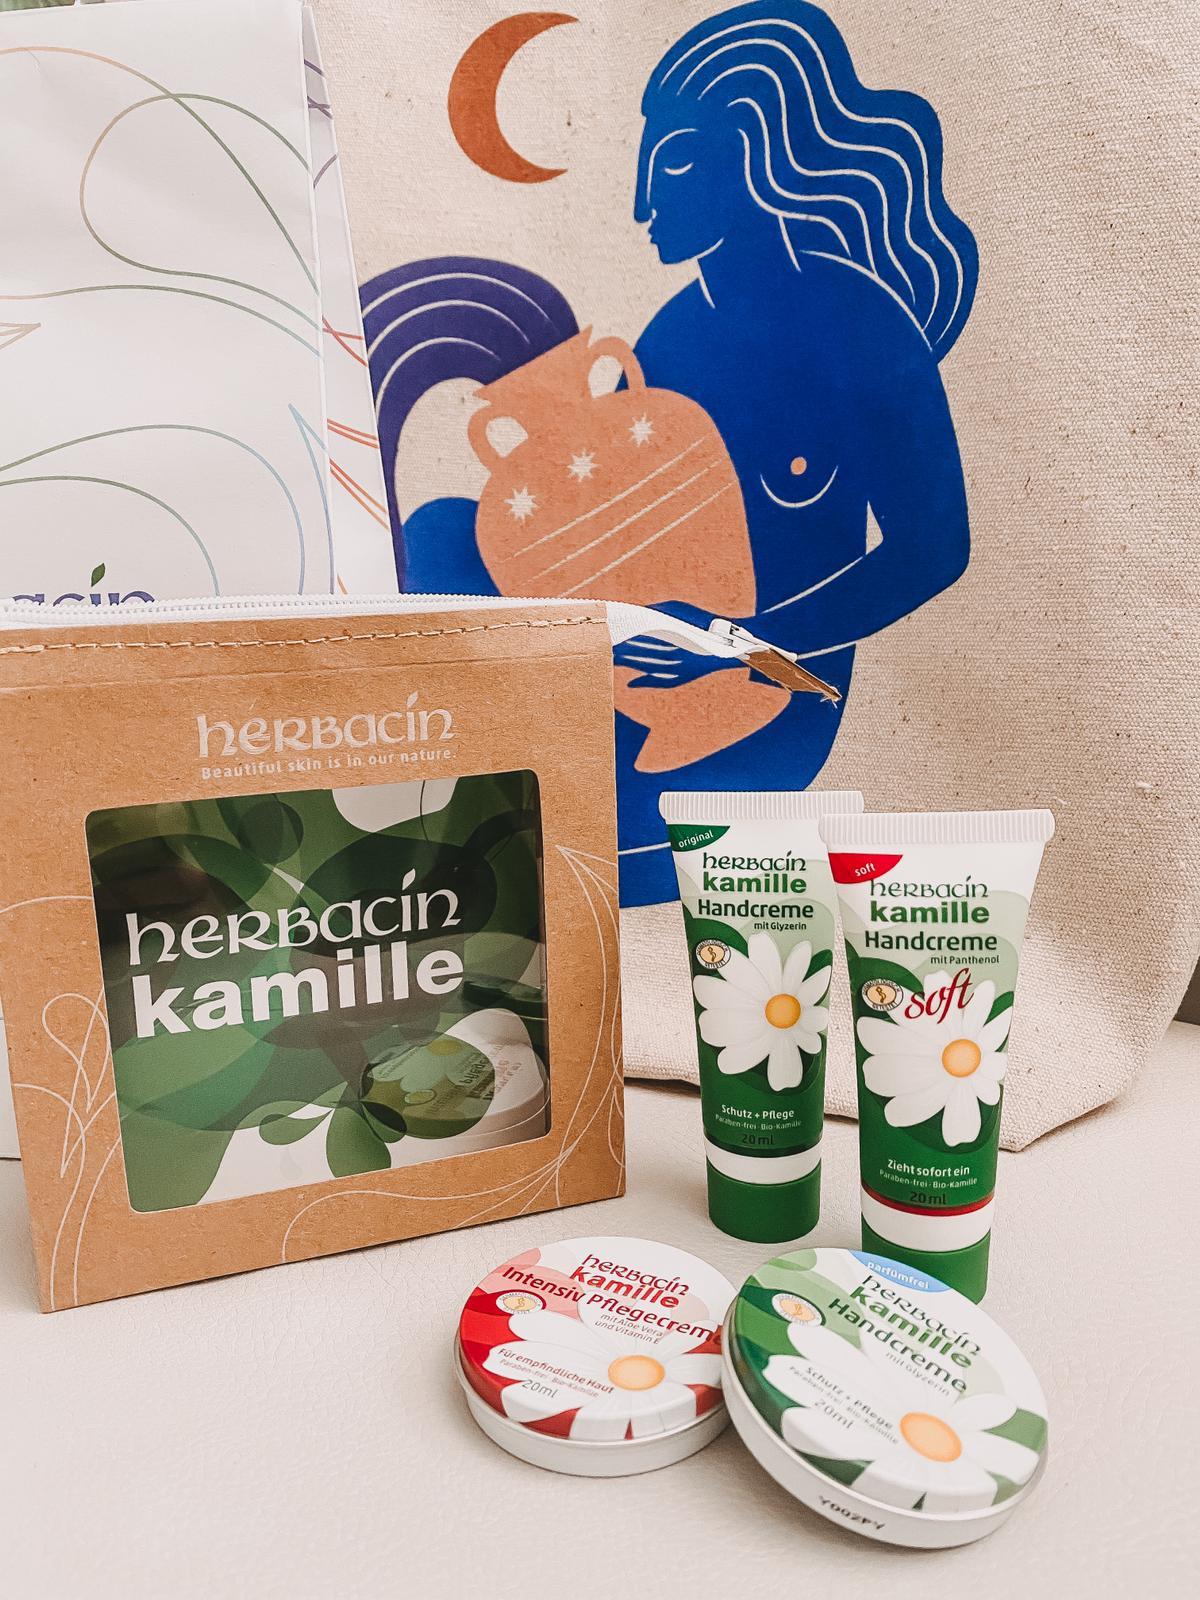 Beautypress Webinar - Herbacin